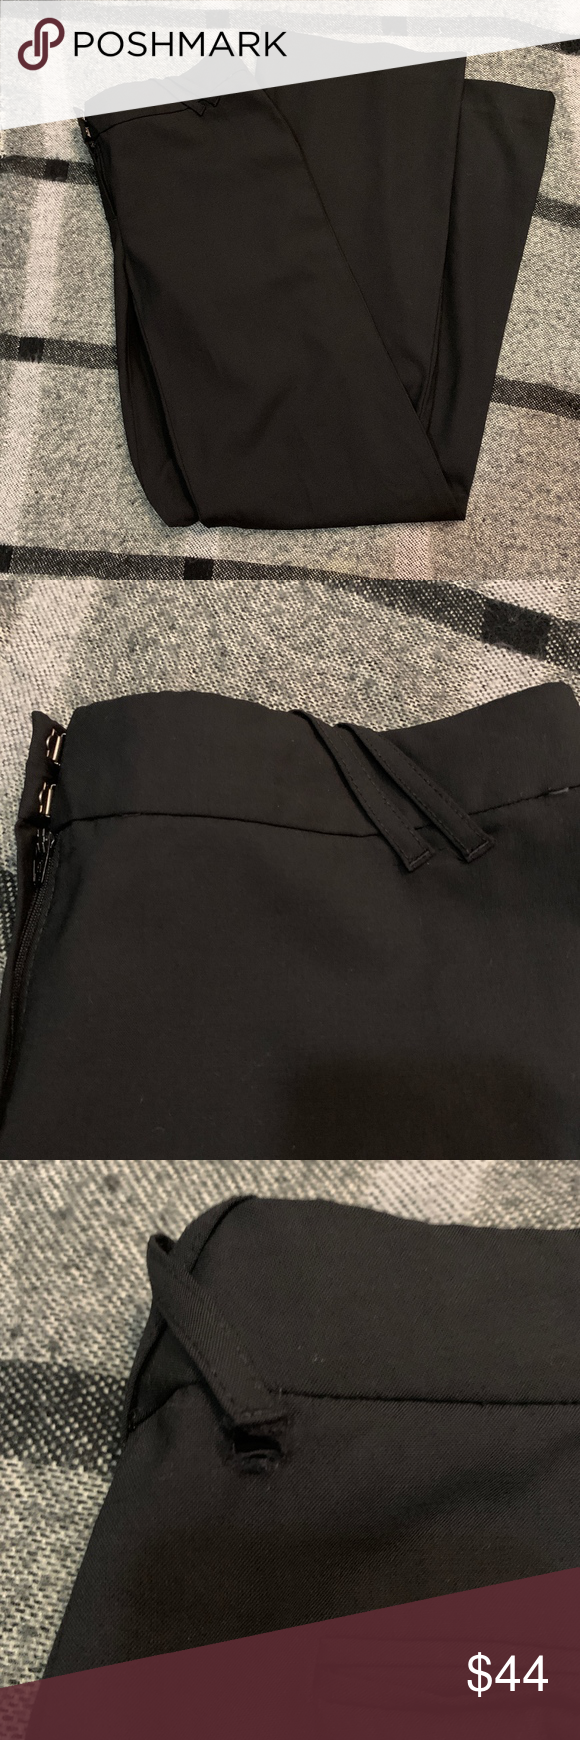 Theory Euc Black Dress Pants Color Black Style Bootcut Dress Pants Brand Theory Retail Price 150 Condit Black Dress Pants Dress Pants Trouser Pants Women [ 1740 x 580 Pixel ]